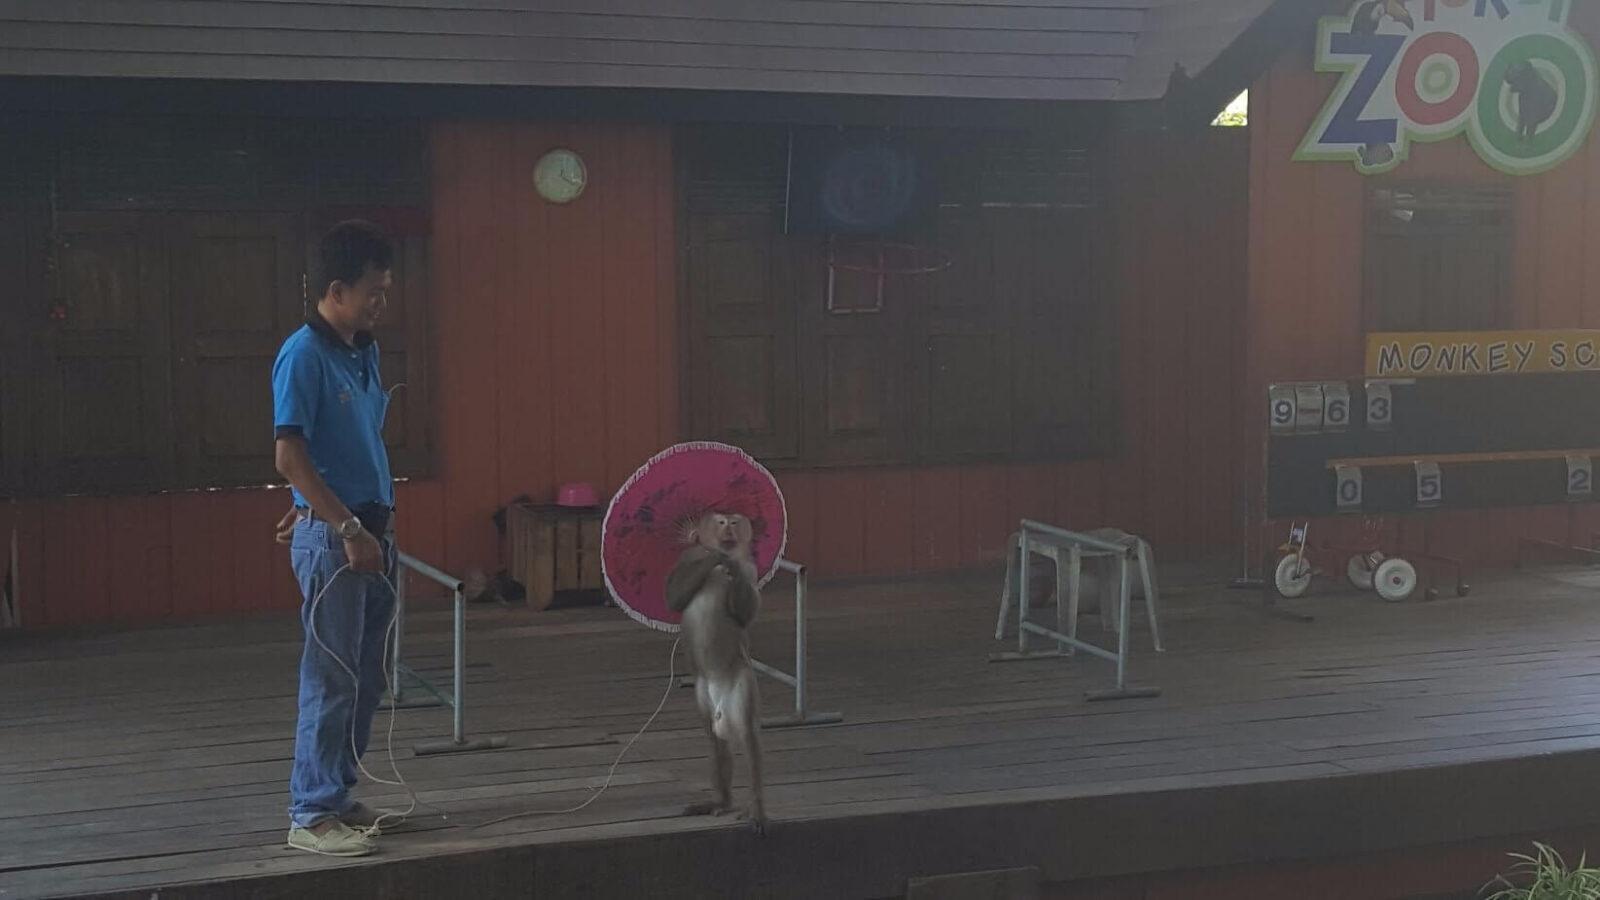 дресировщик с обезьяной